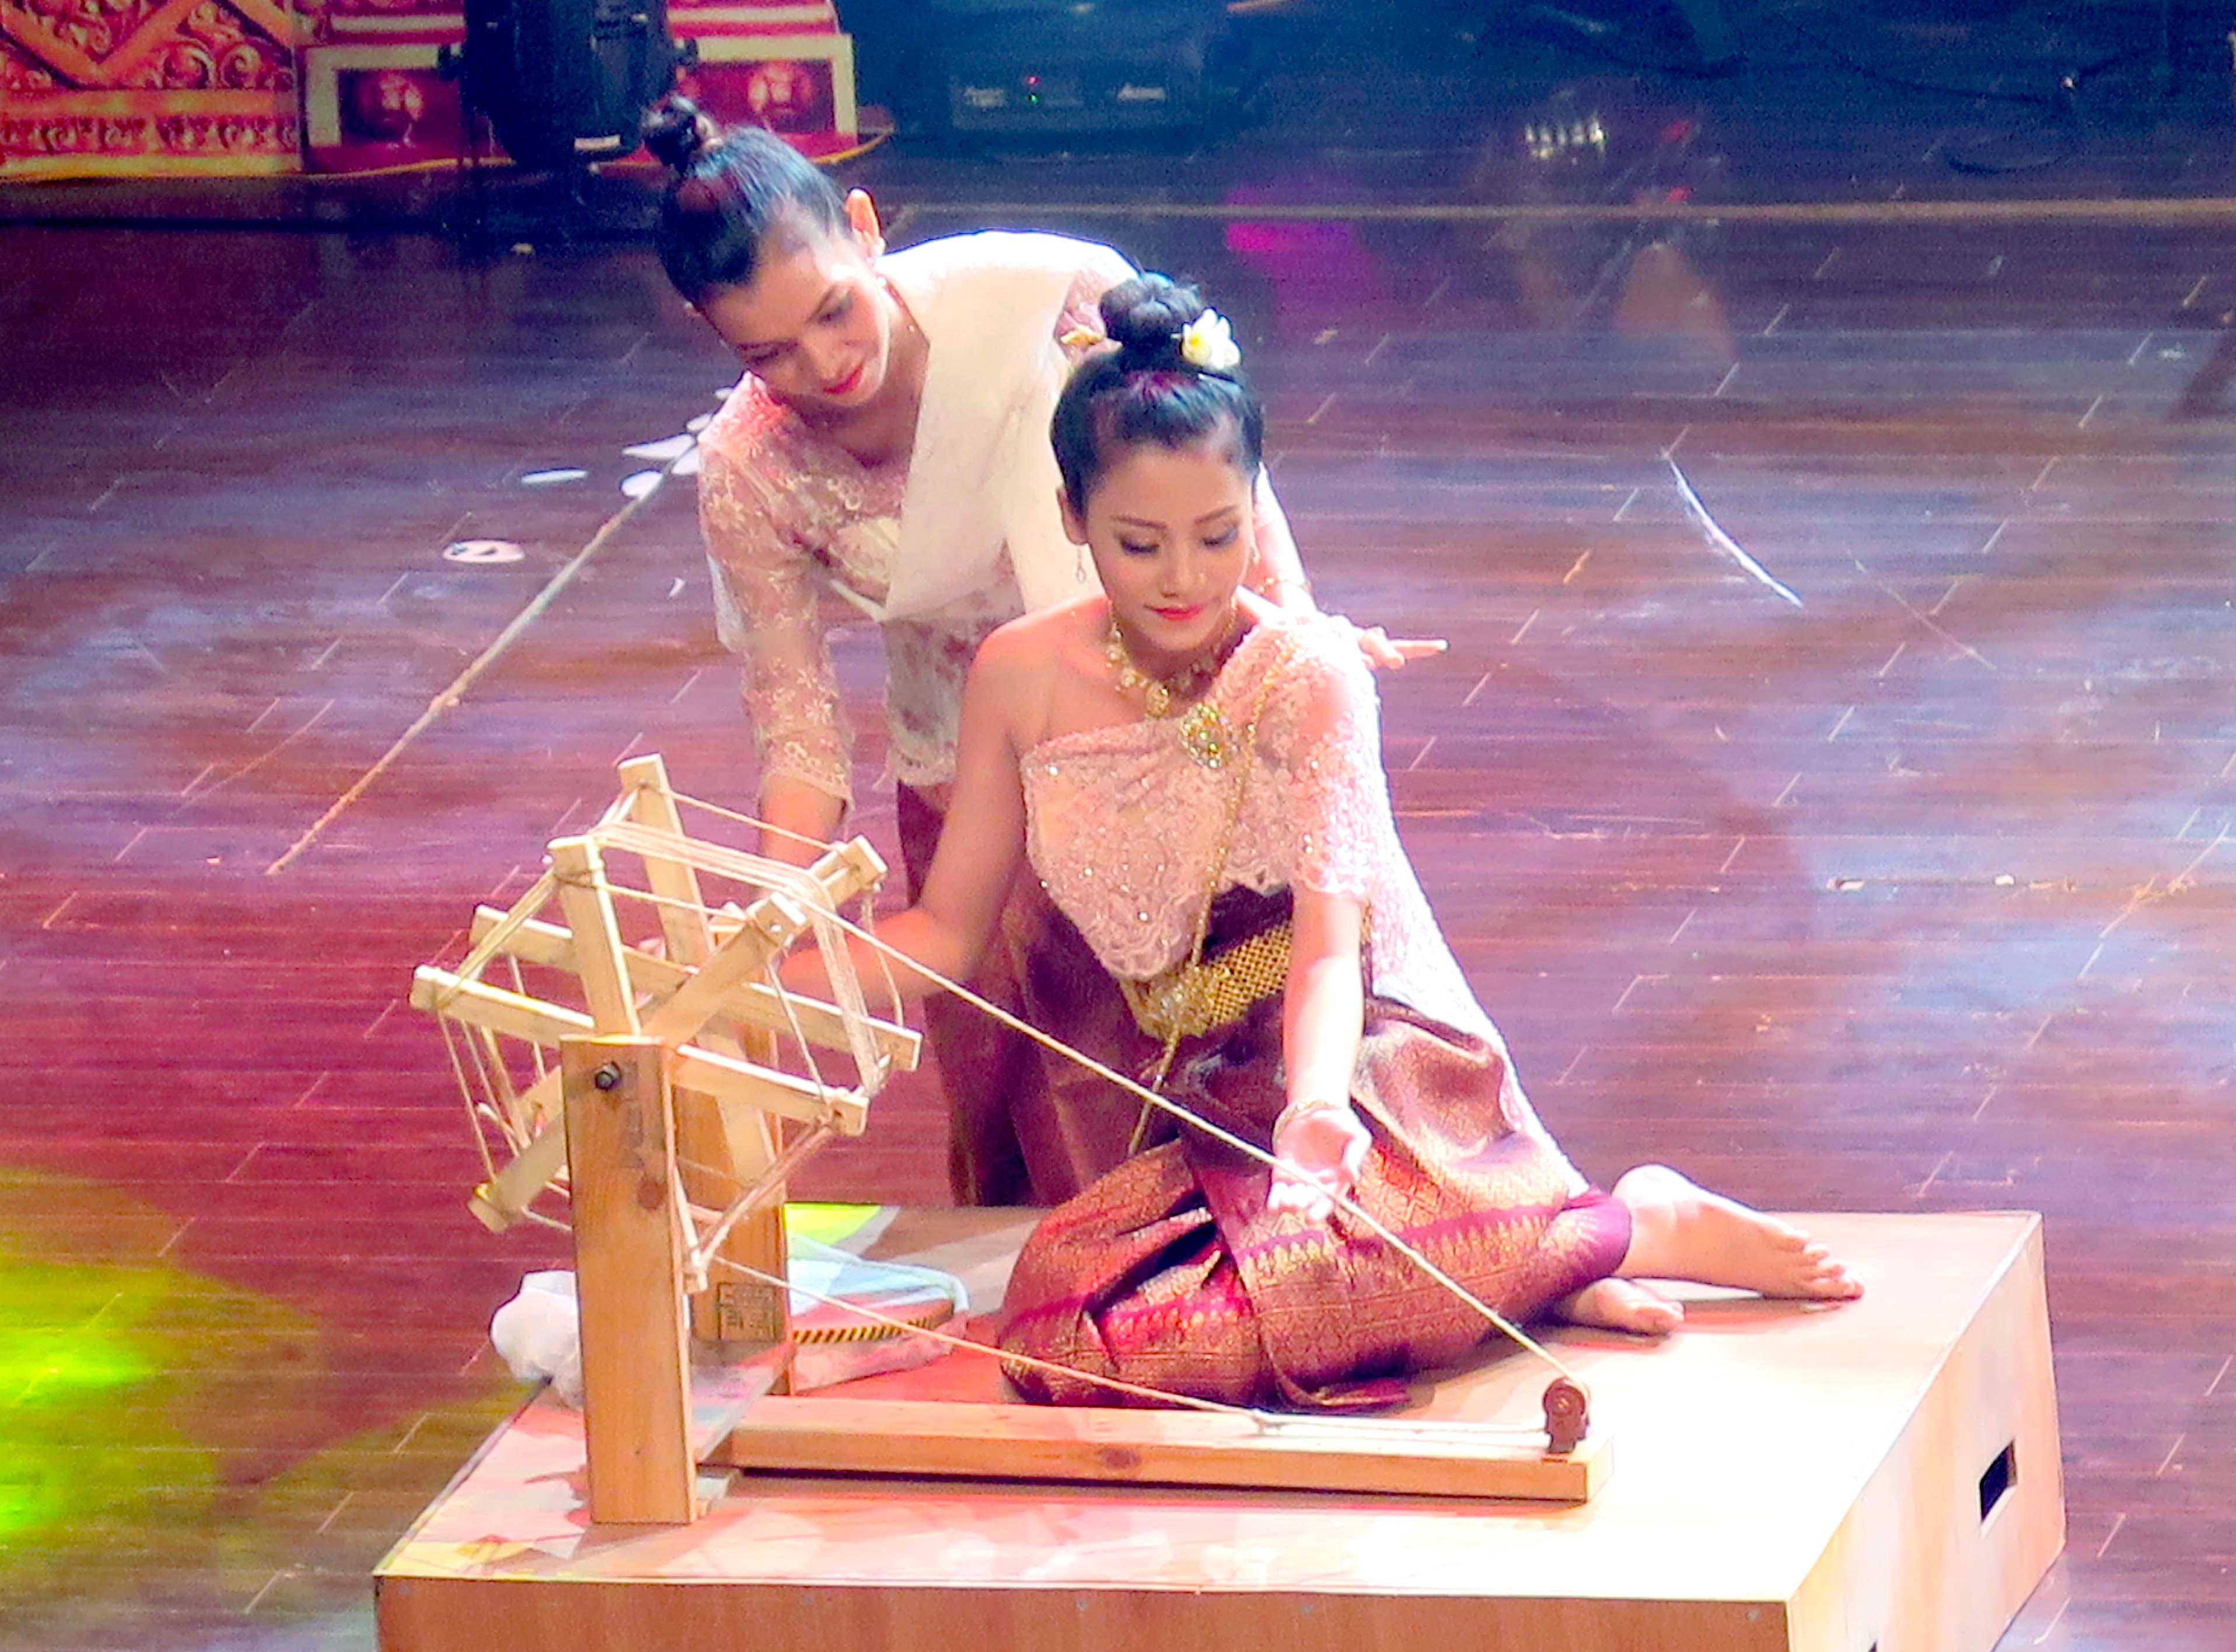 """Gia huấn ca nữ Khmer khuyên dạy các cô gái phải chăm chỉ học hành, trang bị cho mình một nghề nghiệp ổn định để có thể đỡ đần hôn phu sau khi thành hôn. Trong ảnh: Tái hiện tục """"Vào bóng mát"""" của người Khmer tại Ngày hội Văn hóa, Thể thao và Du lịch vùng"""